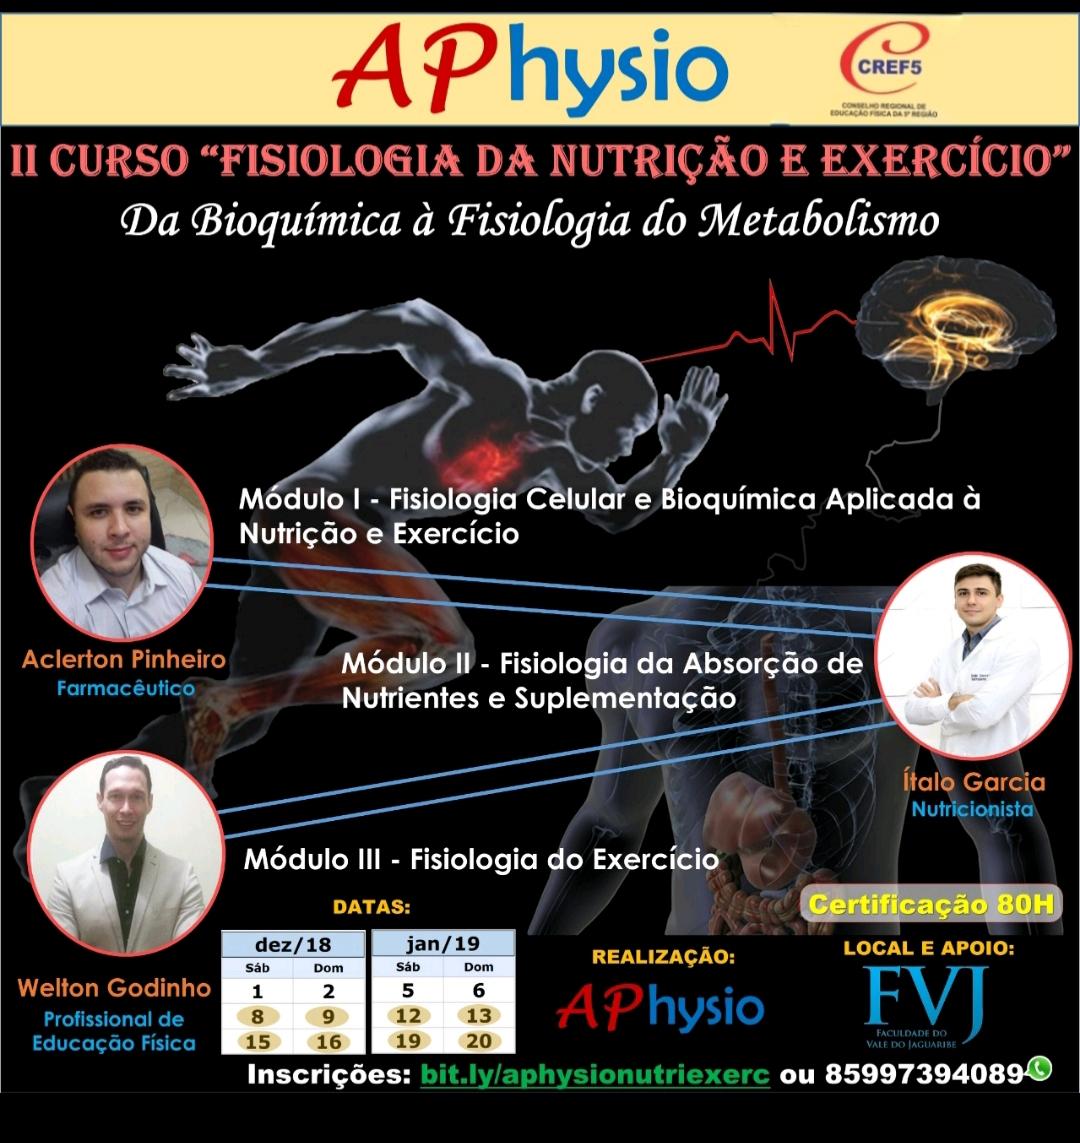 II Curso Fisiologia da Nutrição e Exercício